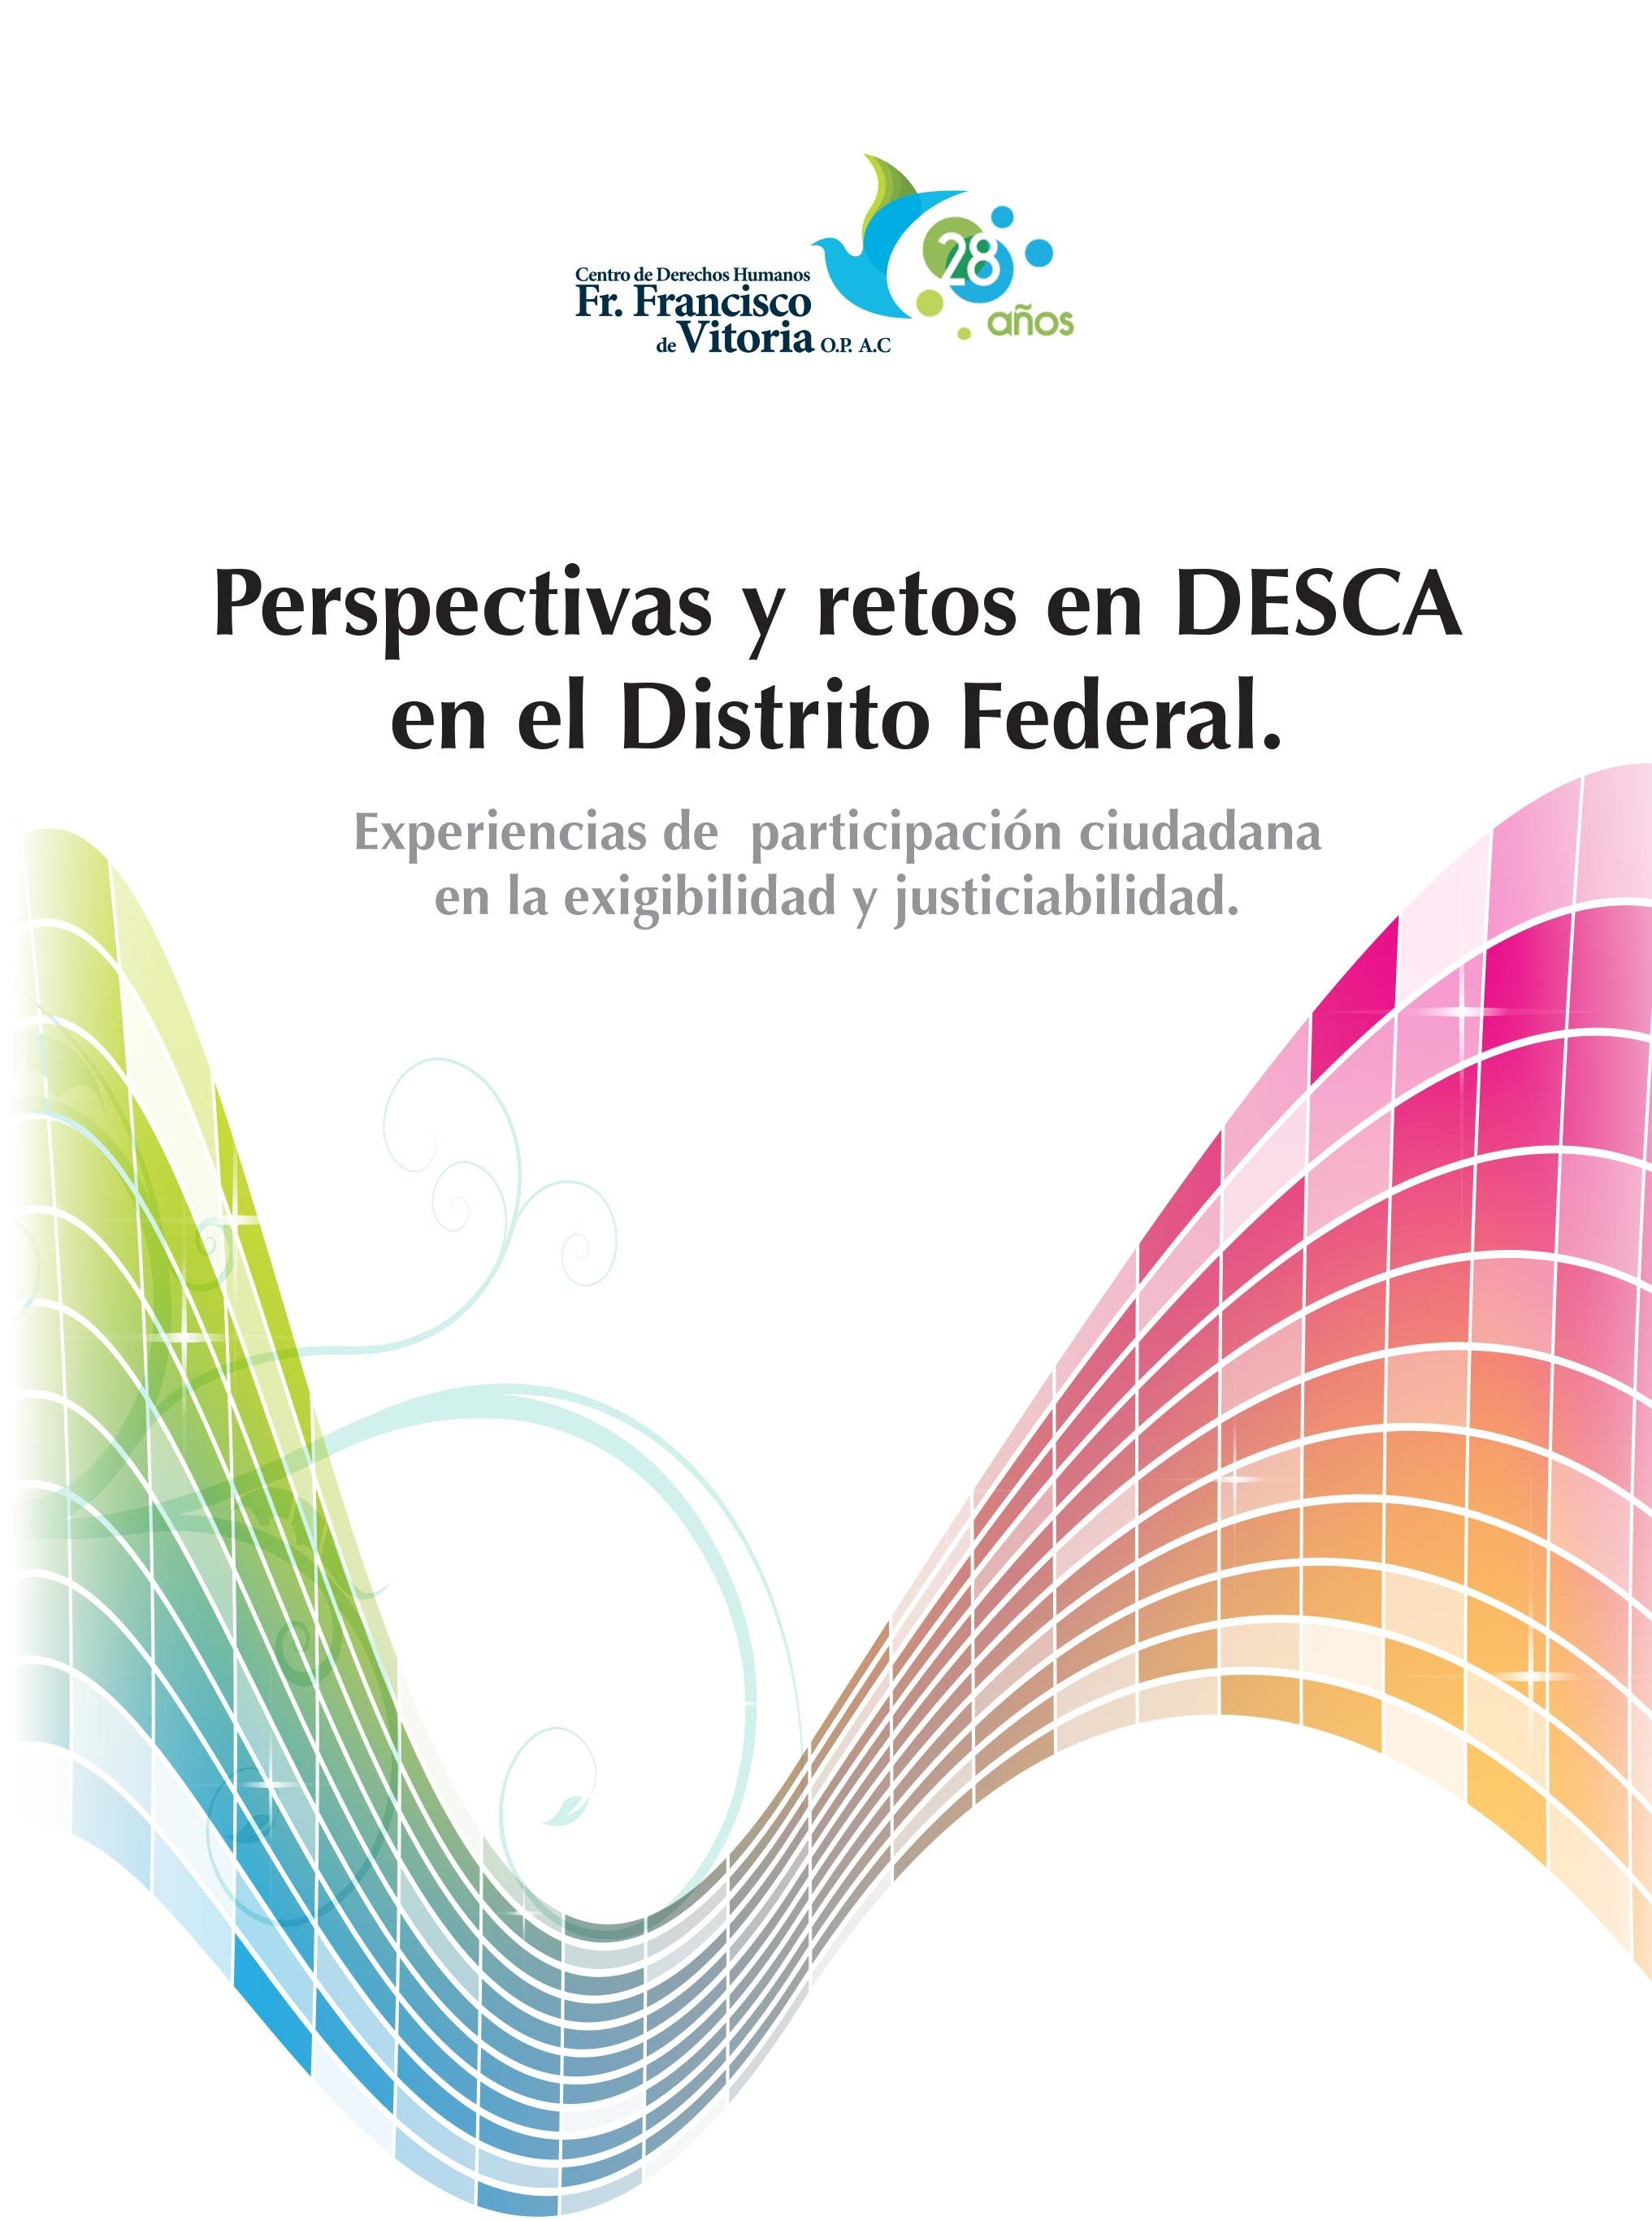 Perspectivas y retos en DESCA en el DF. Experiencias de participación ciudadana en la exigibilidad y justiciabilidad.